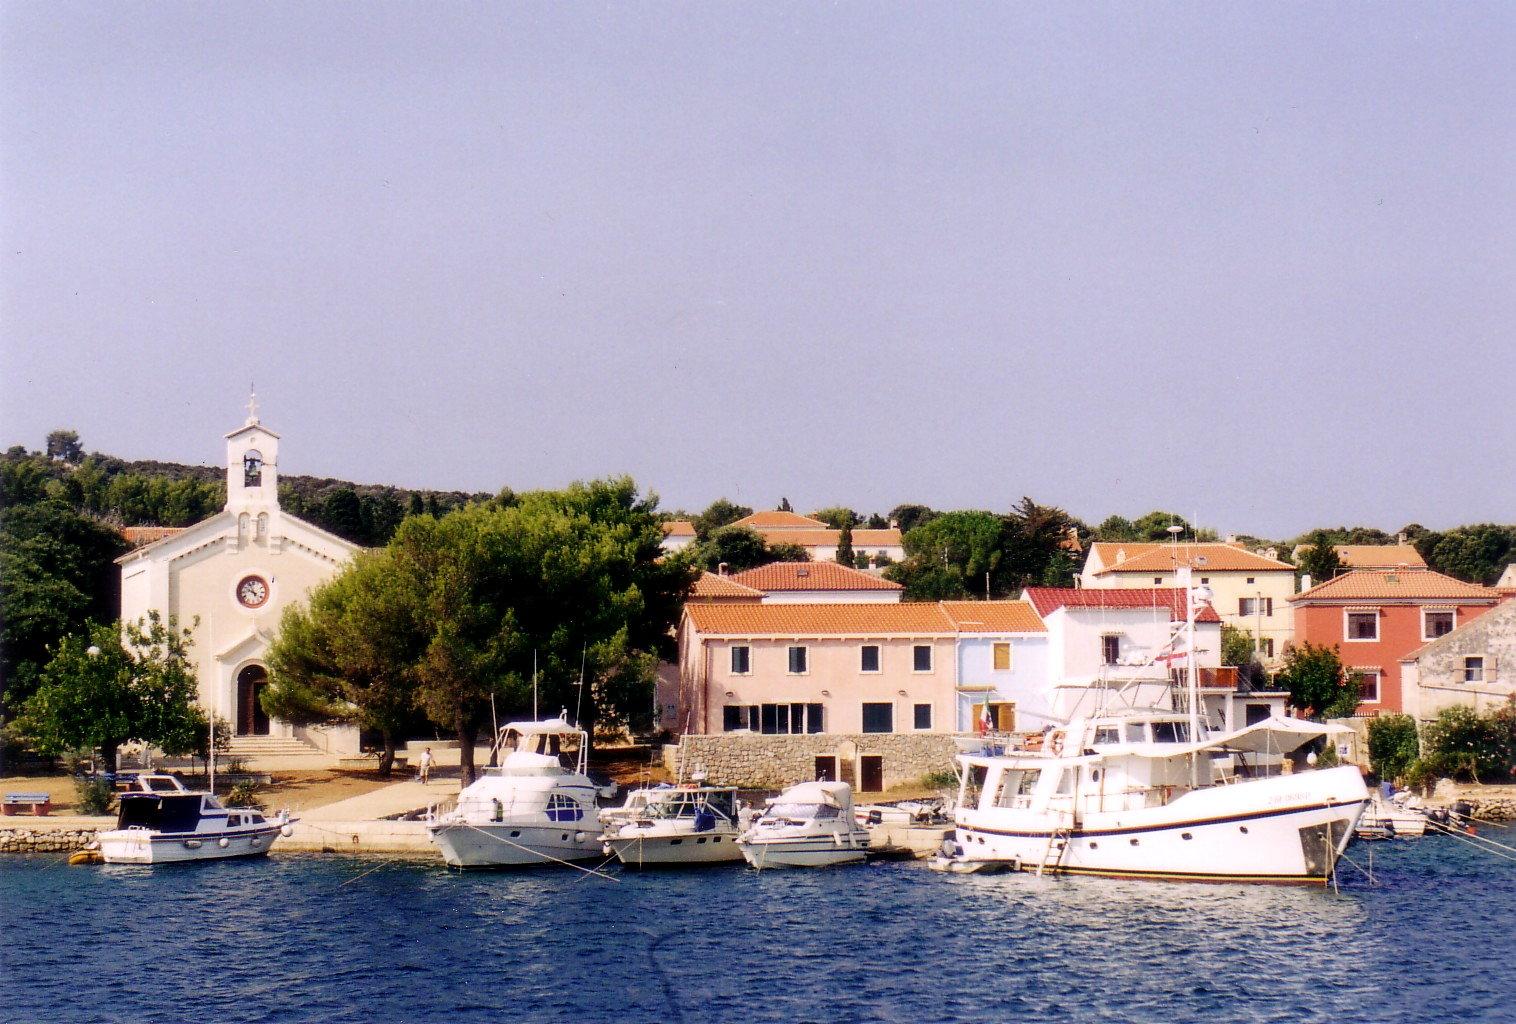 Noleggio Barche Isola di Hilovik - Navalia | Noleggia un Sogno